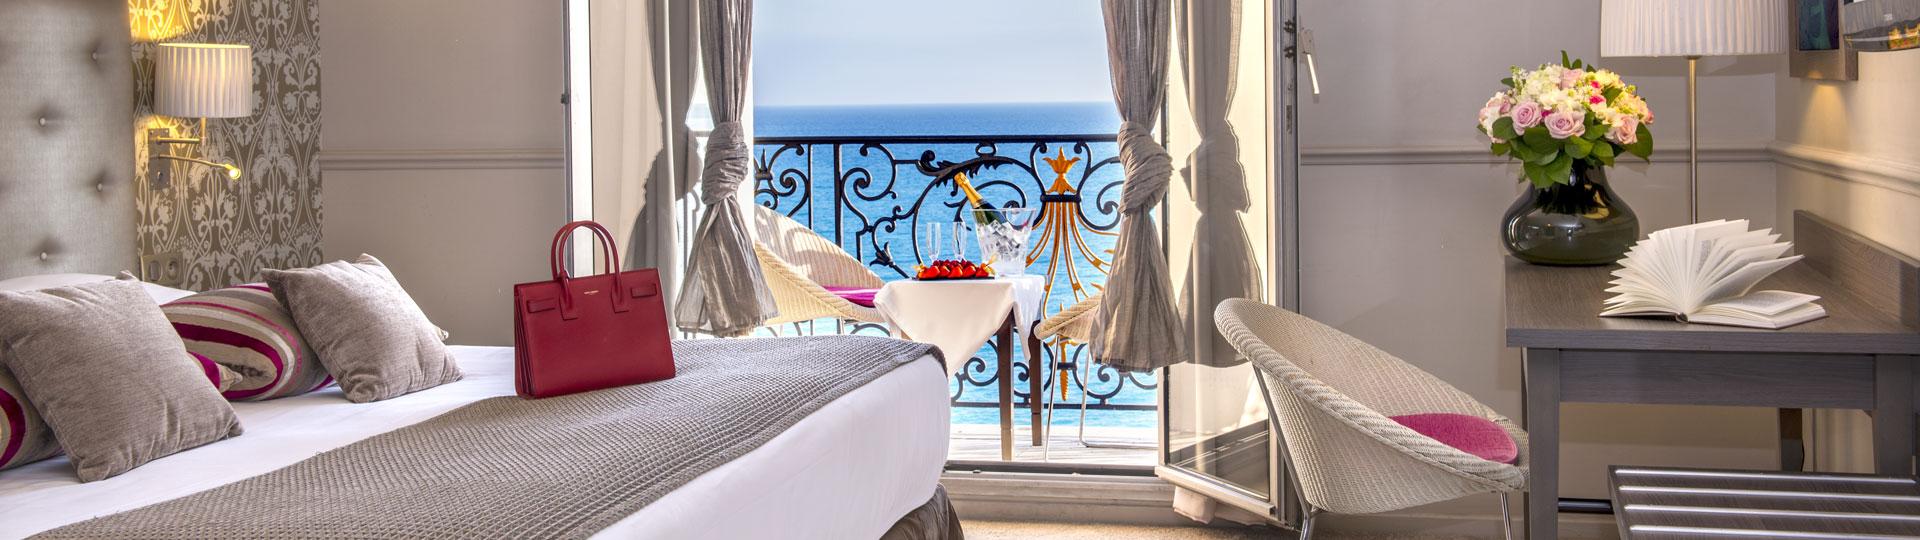 Chambre vue sur mer à l'hôtel Le Royal à Nice